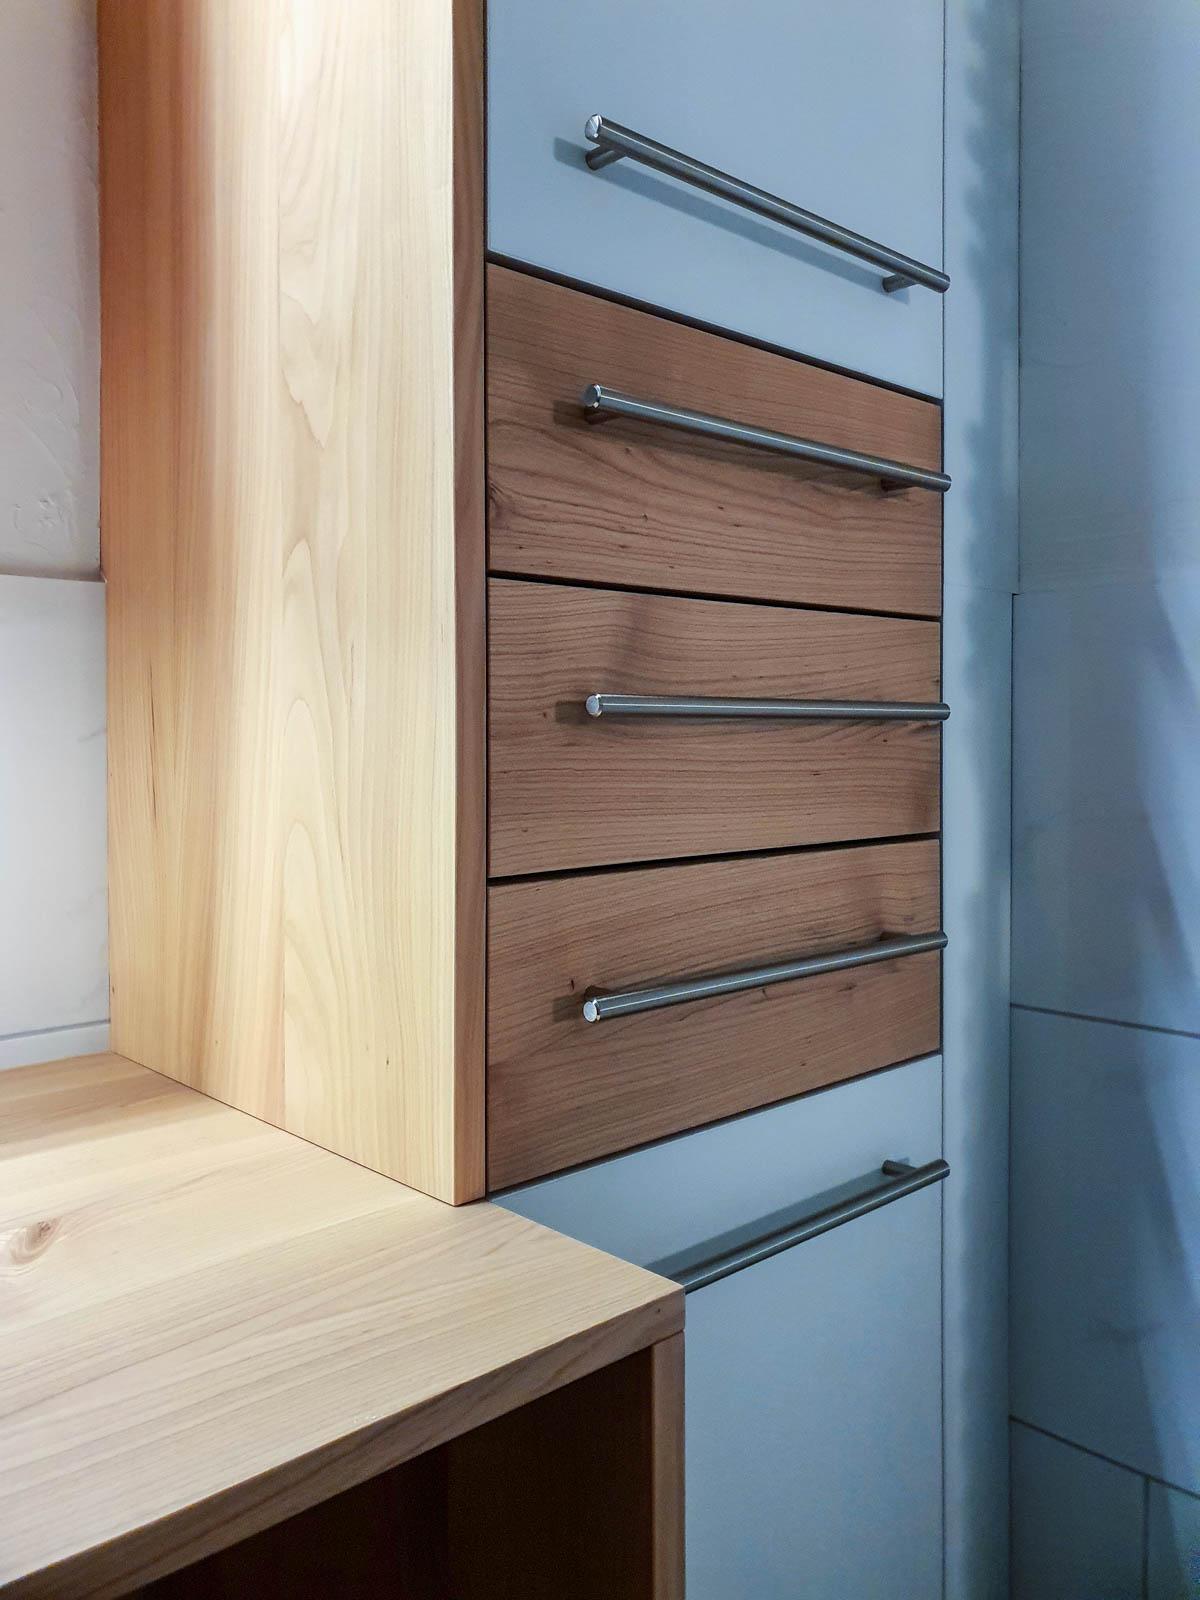 Wooddesign_Badmöbel_ Badumbau_ Kirschbaum_Massivholz_weisse Fronten_Holzabdeckung (5)